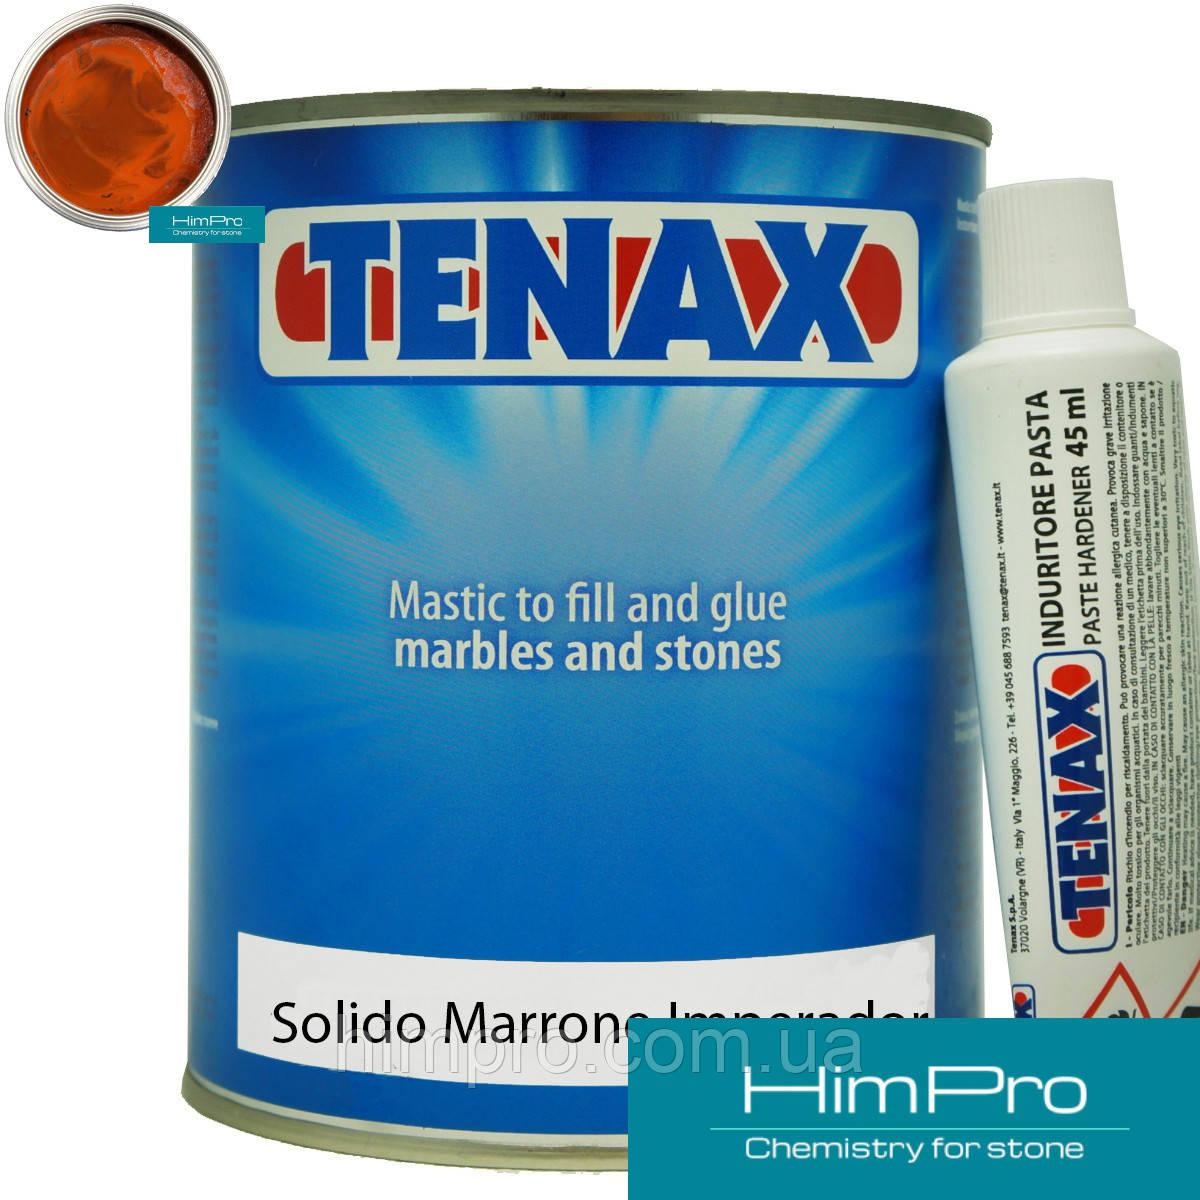 Solido Marone1L Tenax  Полиэфирный двух-компонентный клей (коричневый 1.7кг)